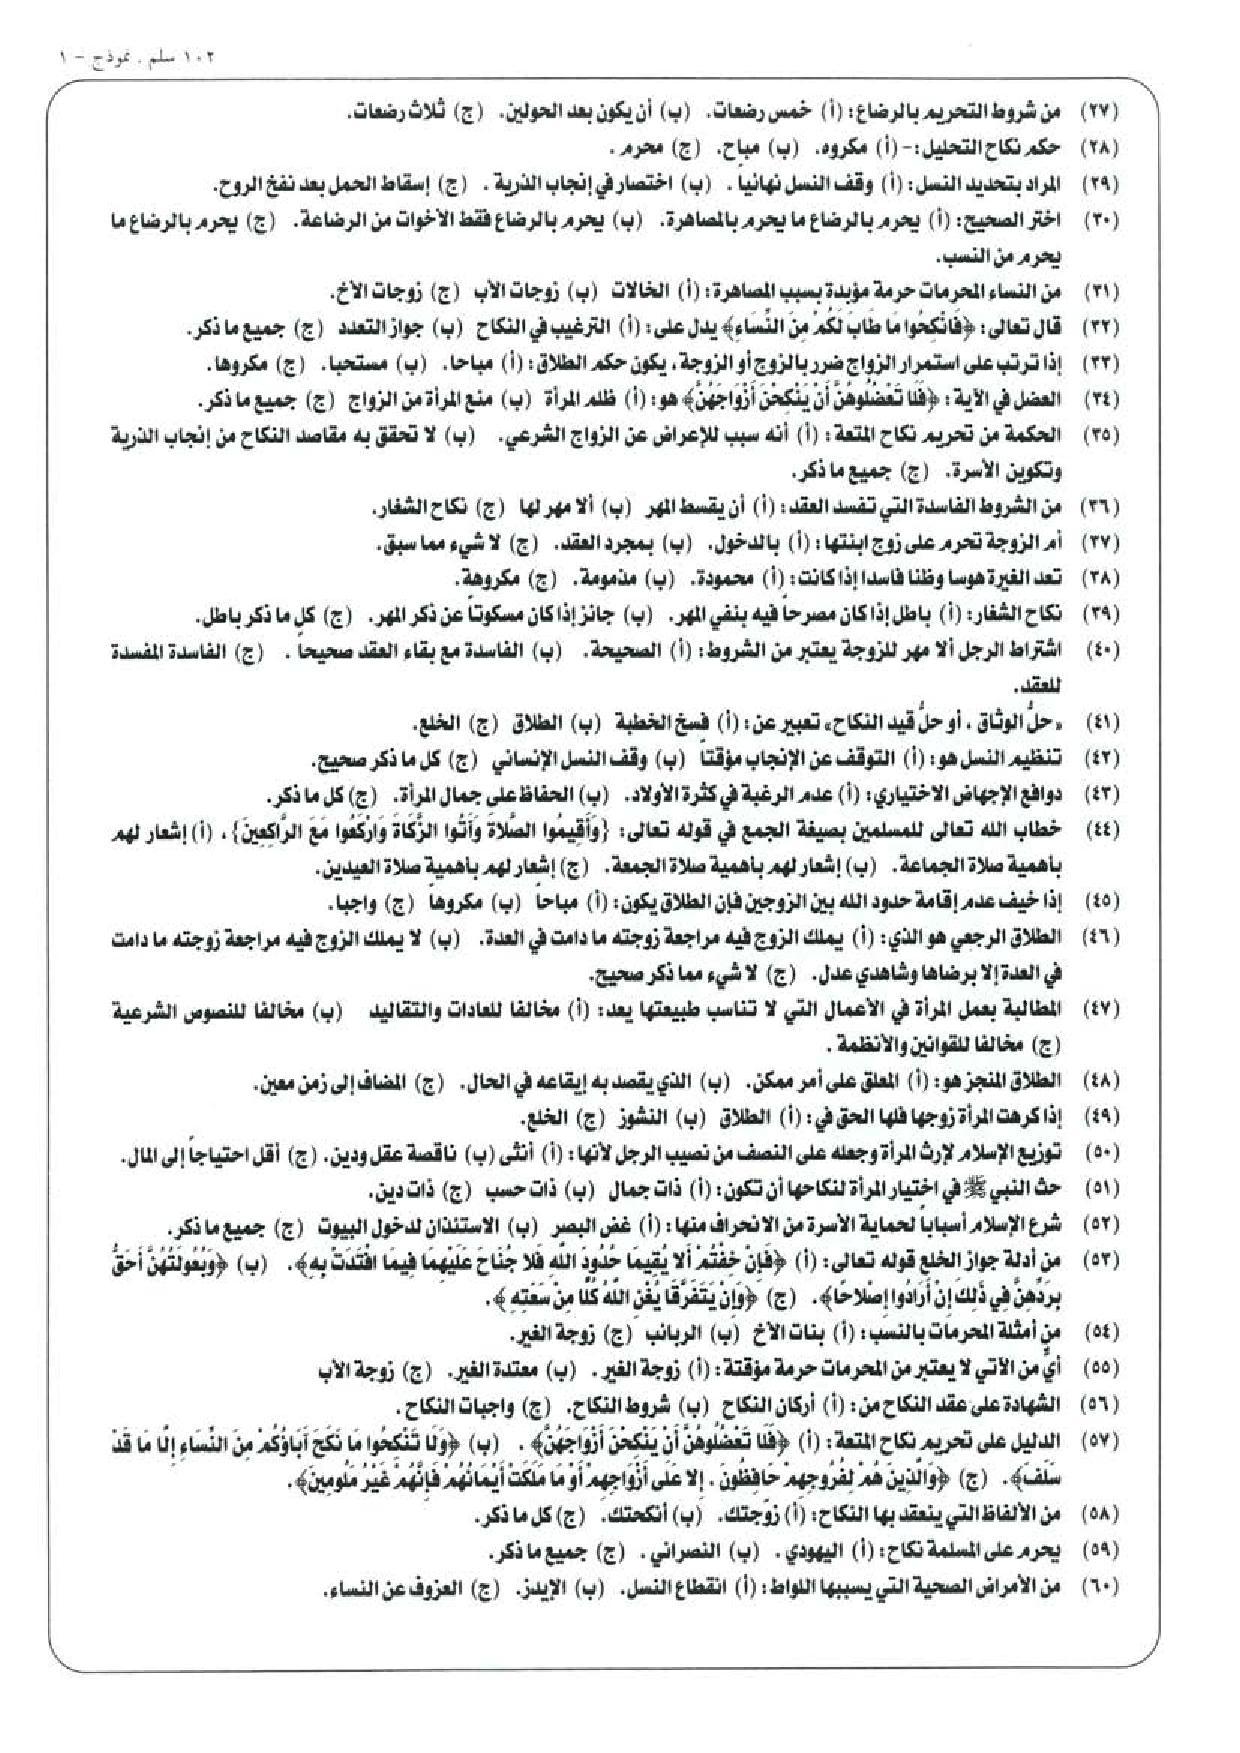 كتاب الاسلام وبناء المجتمع سلم 102 pdf